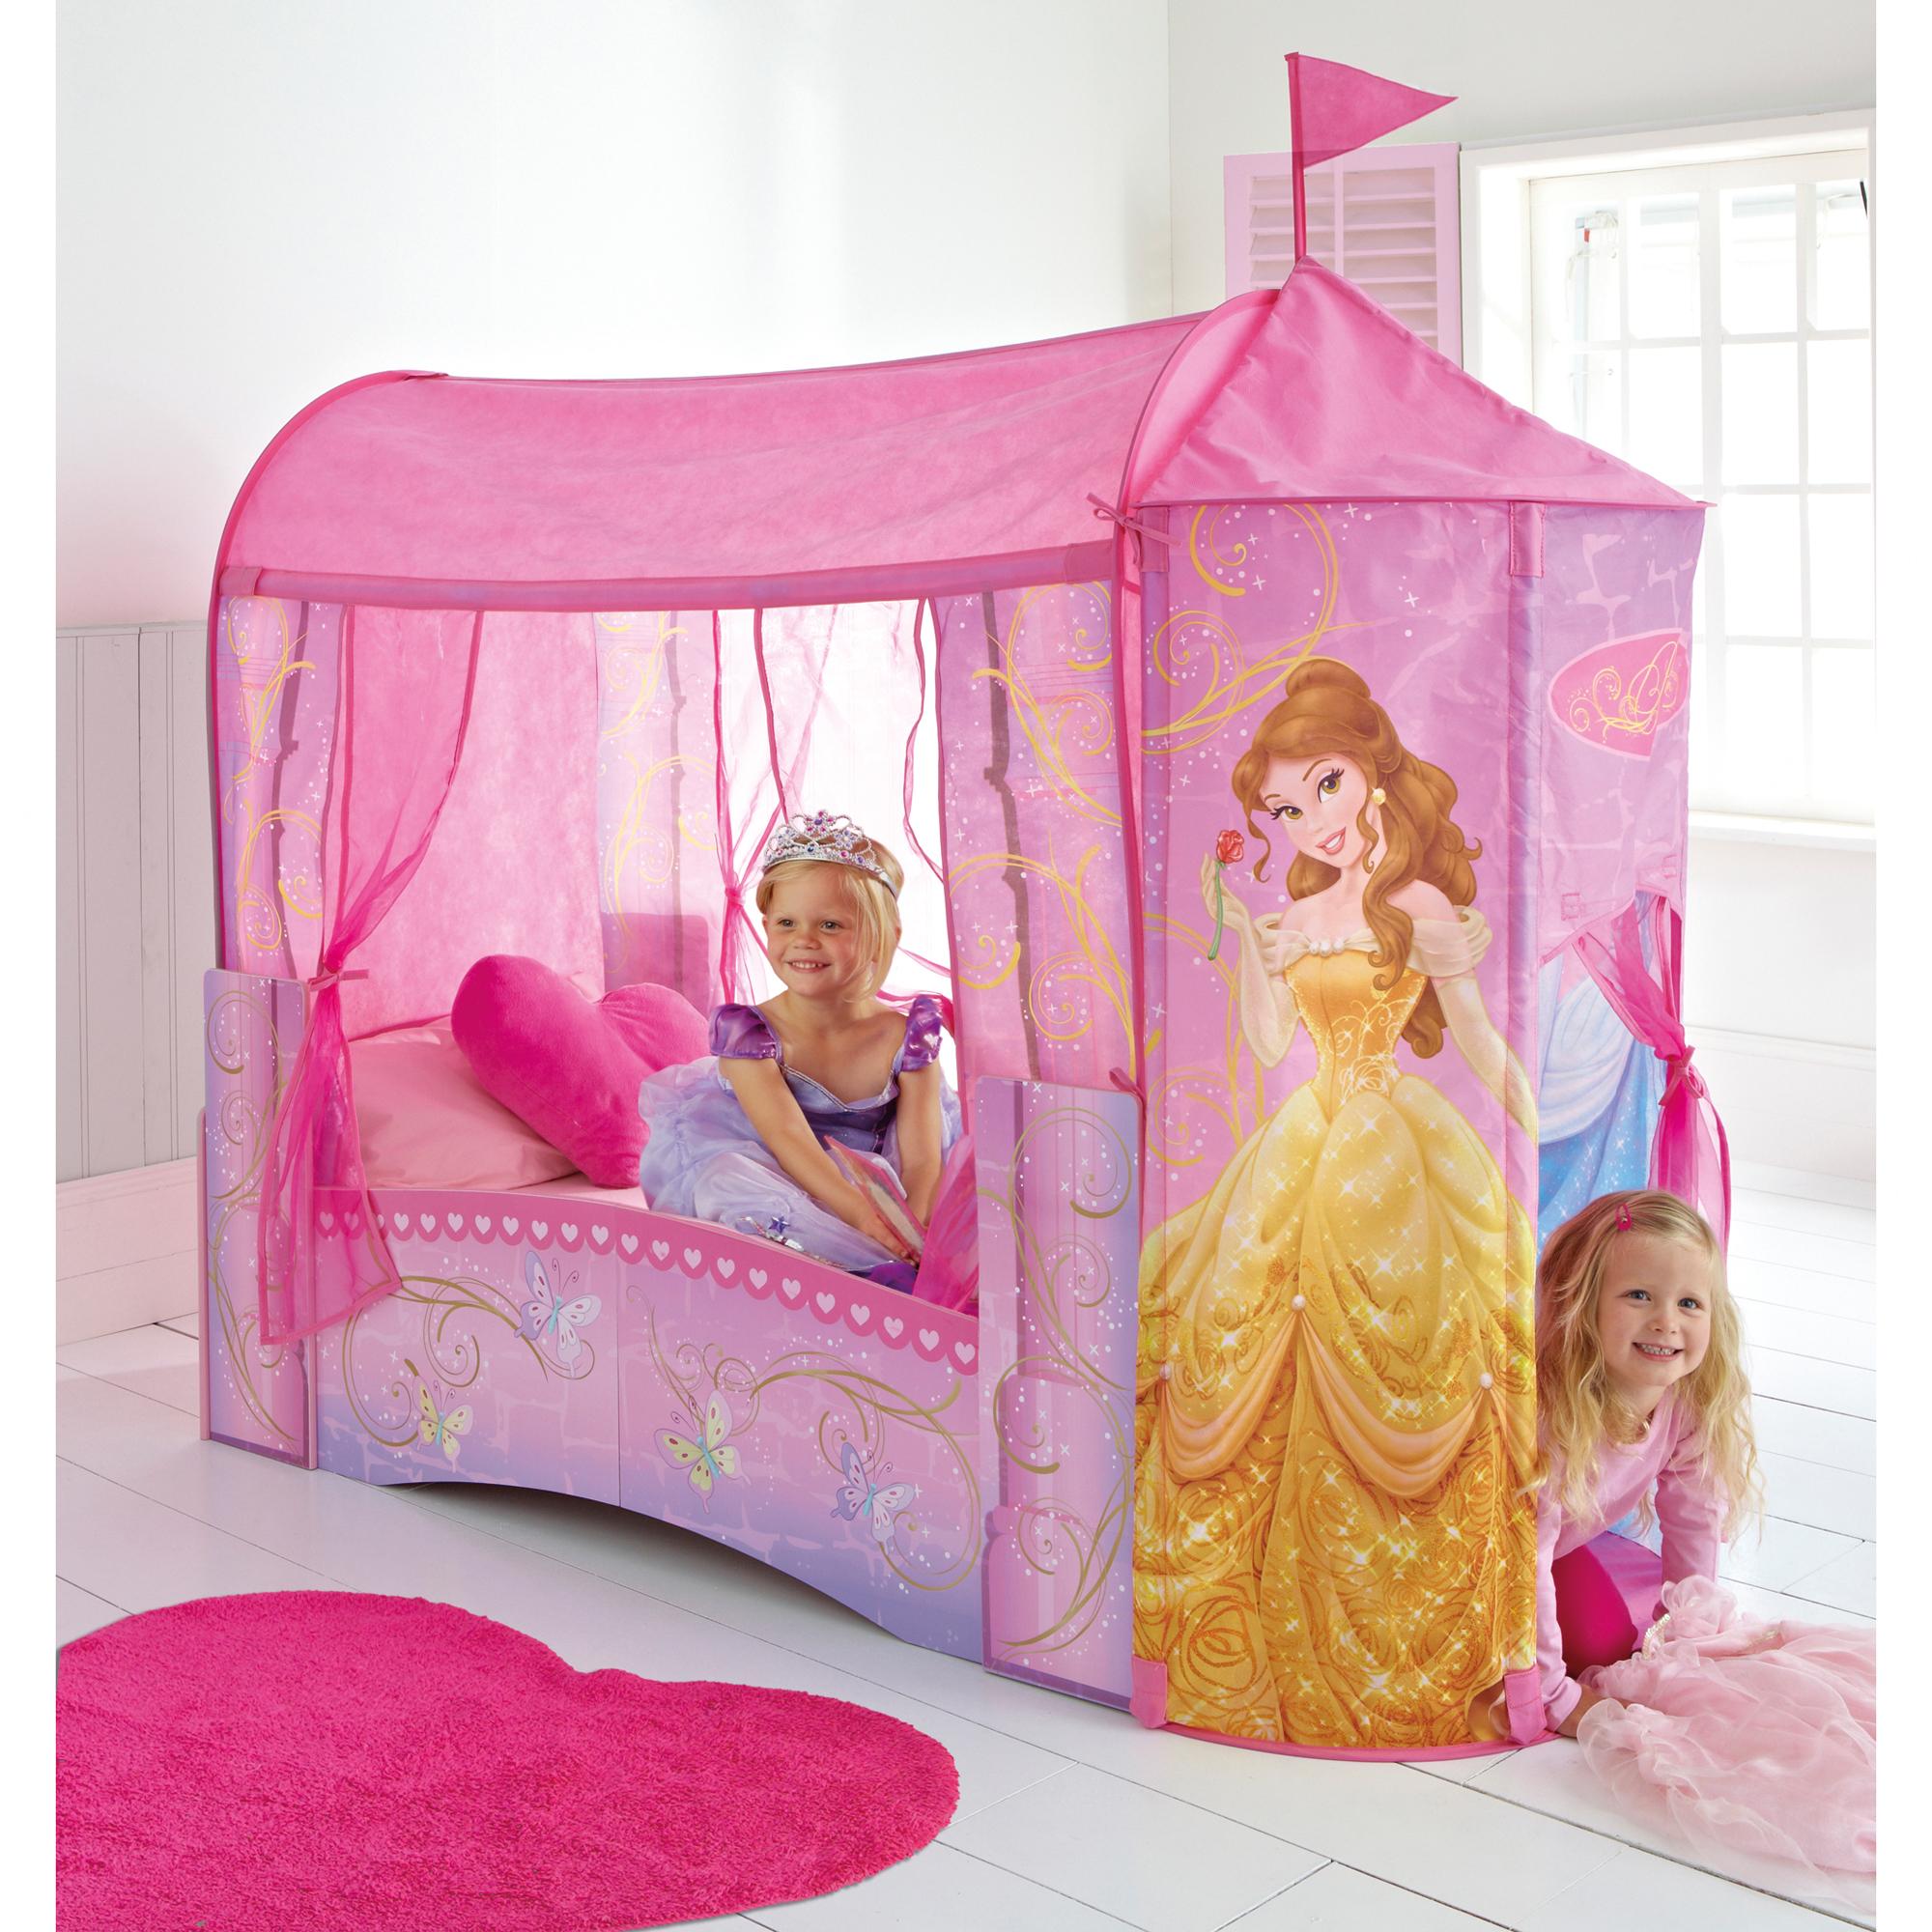 Disney Lit Château Princesse